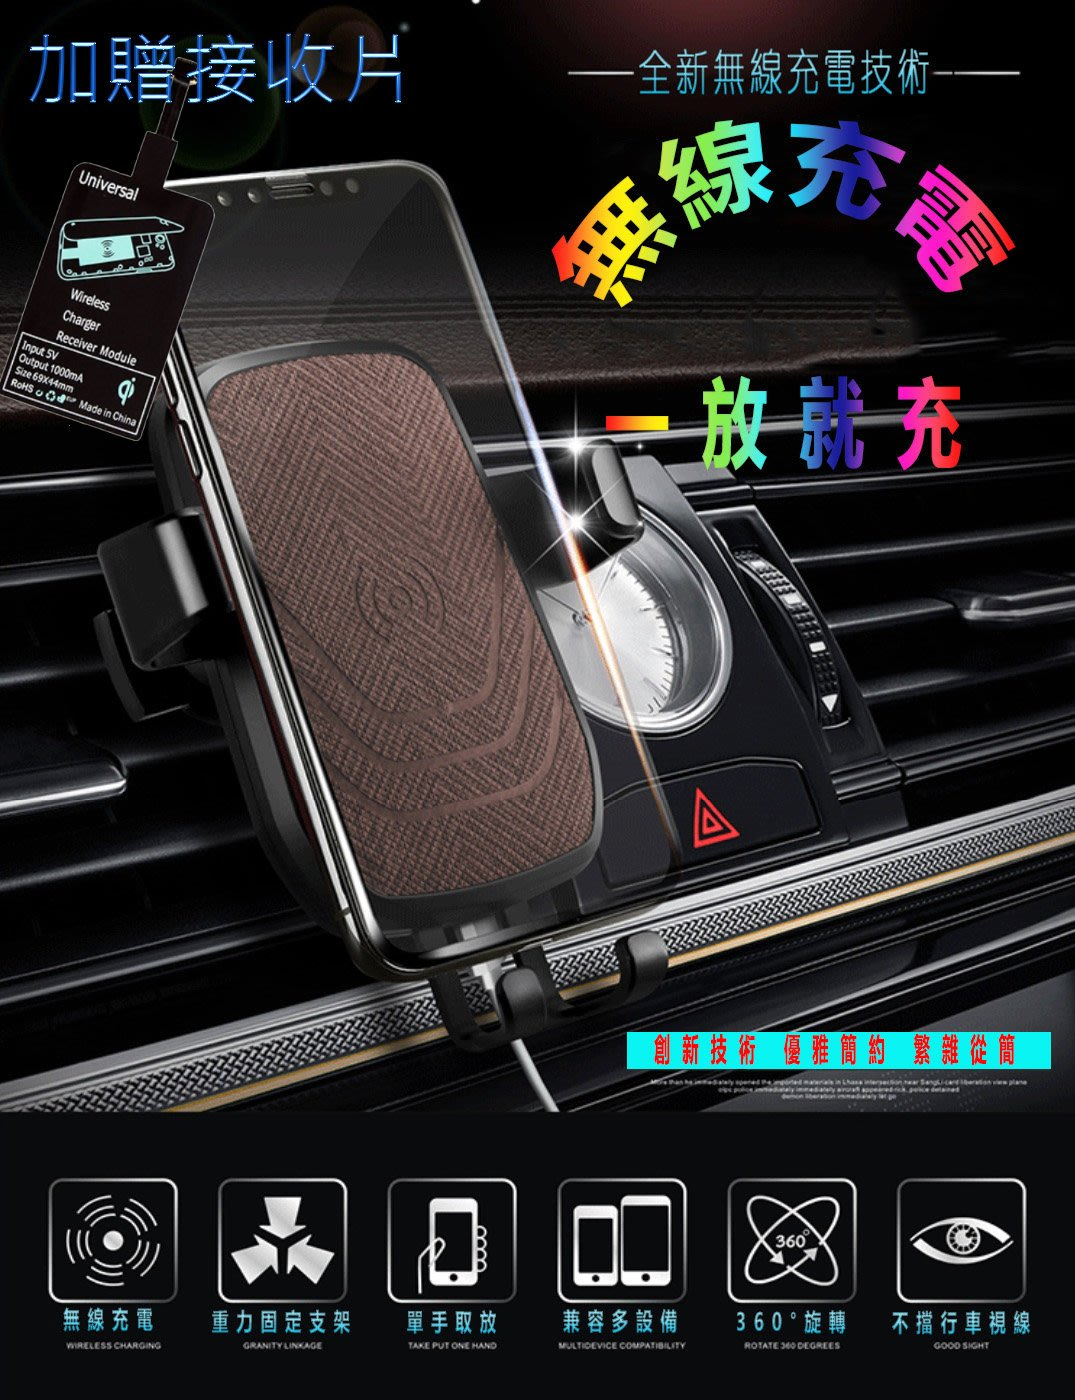 爆款車用無線蘋果iPhone X三星小米華為超薄手機無線充電器,是車架也是充電器,贈無線接收器,手機架也是充電器